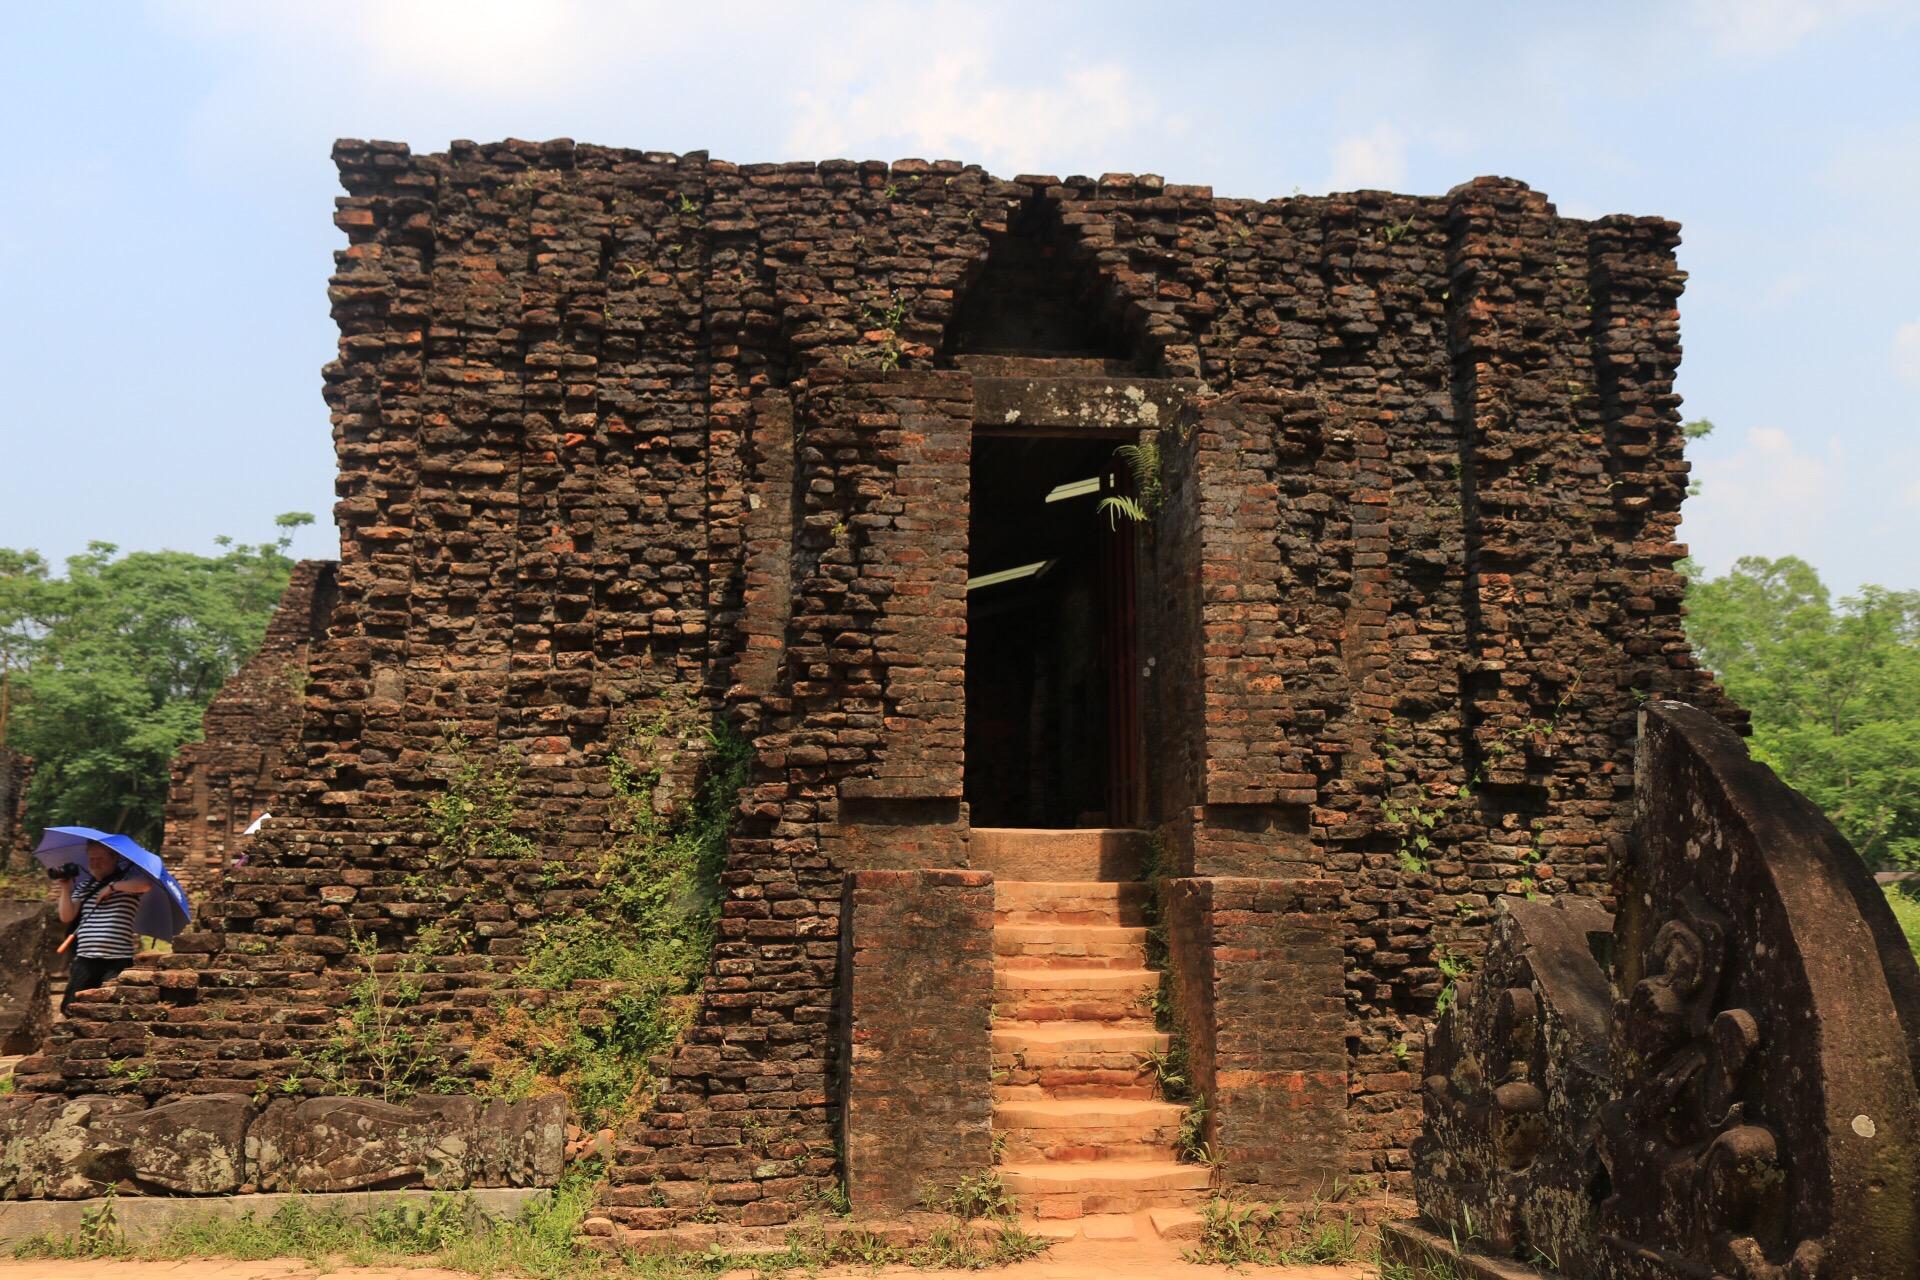 Erbaut wurden die ehemals 70 Tempel zwischen dem 4. und 14. Jahrhundert.